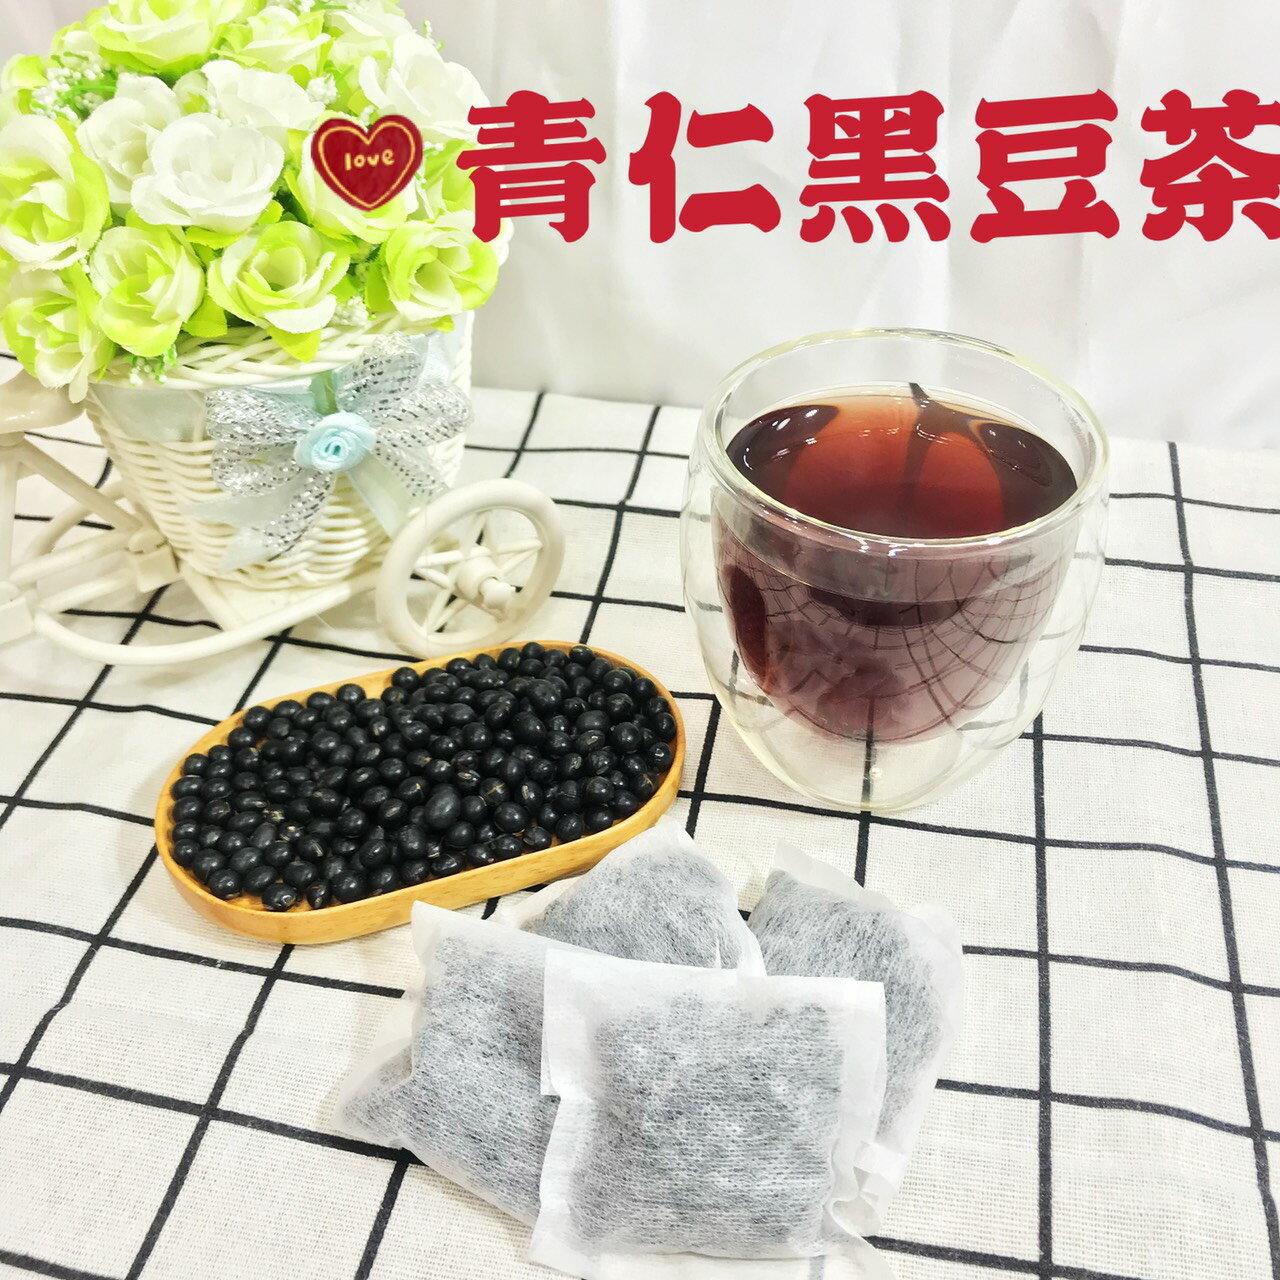 「雋美佳」 黑豆茶 農藥檢驗合格 養生茶包 生產完調理